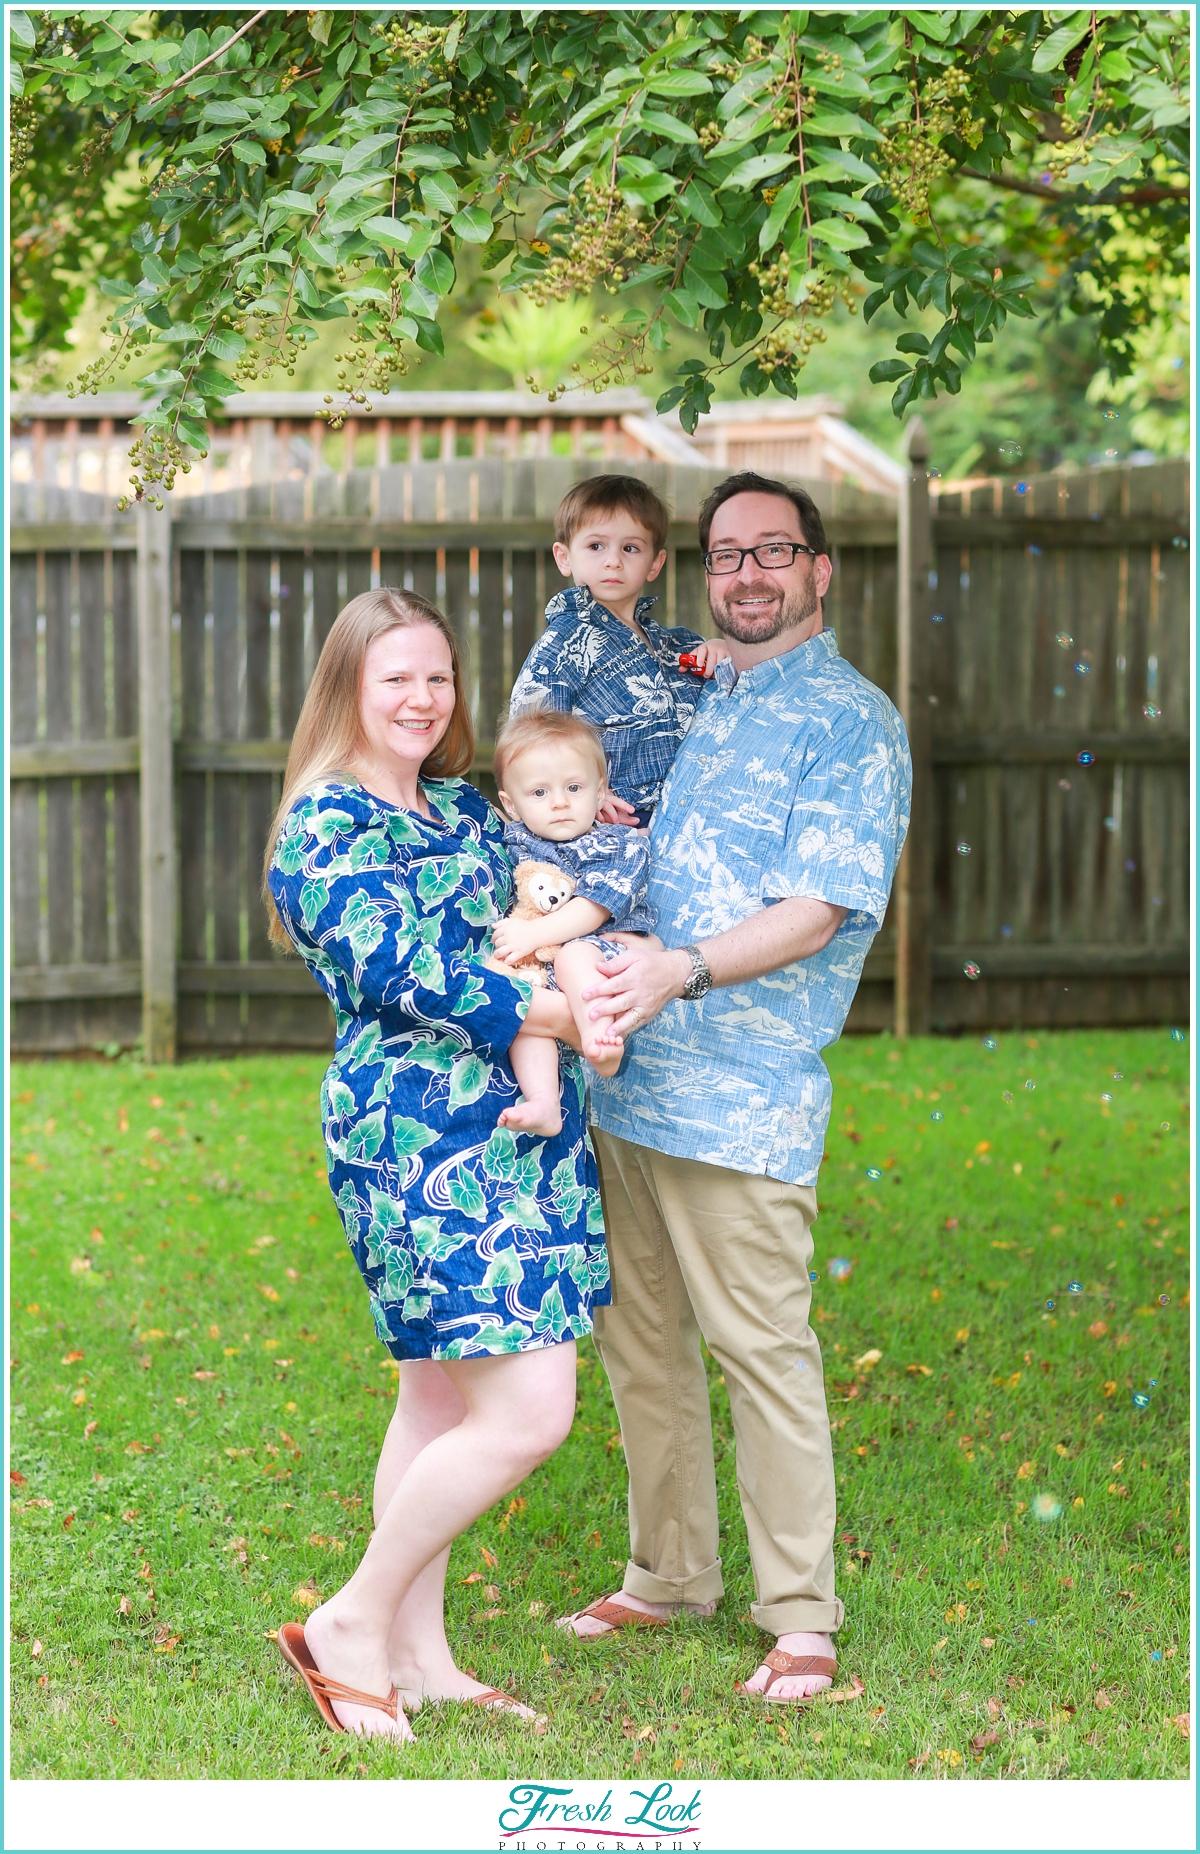 fun family photos at home